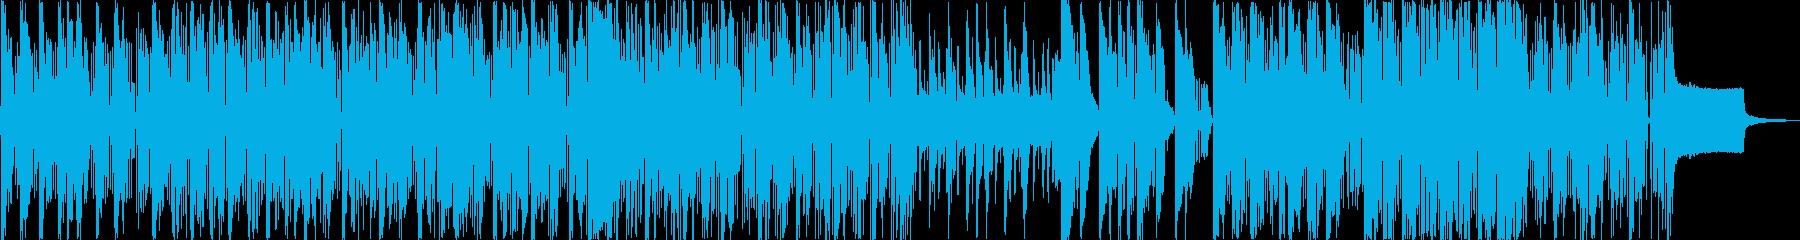 インド風のアーバンミュージックの再生済みの波形